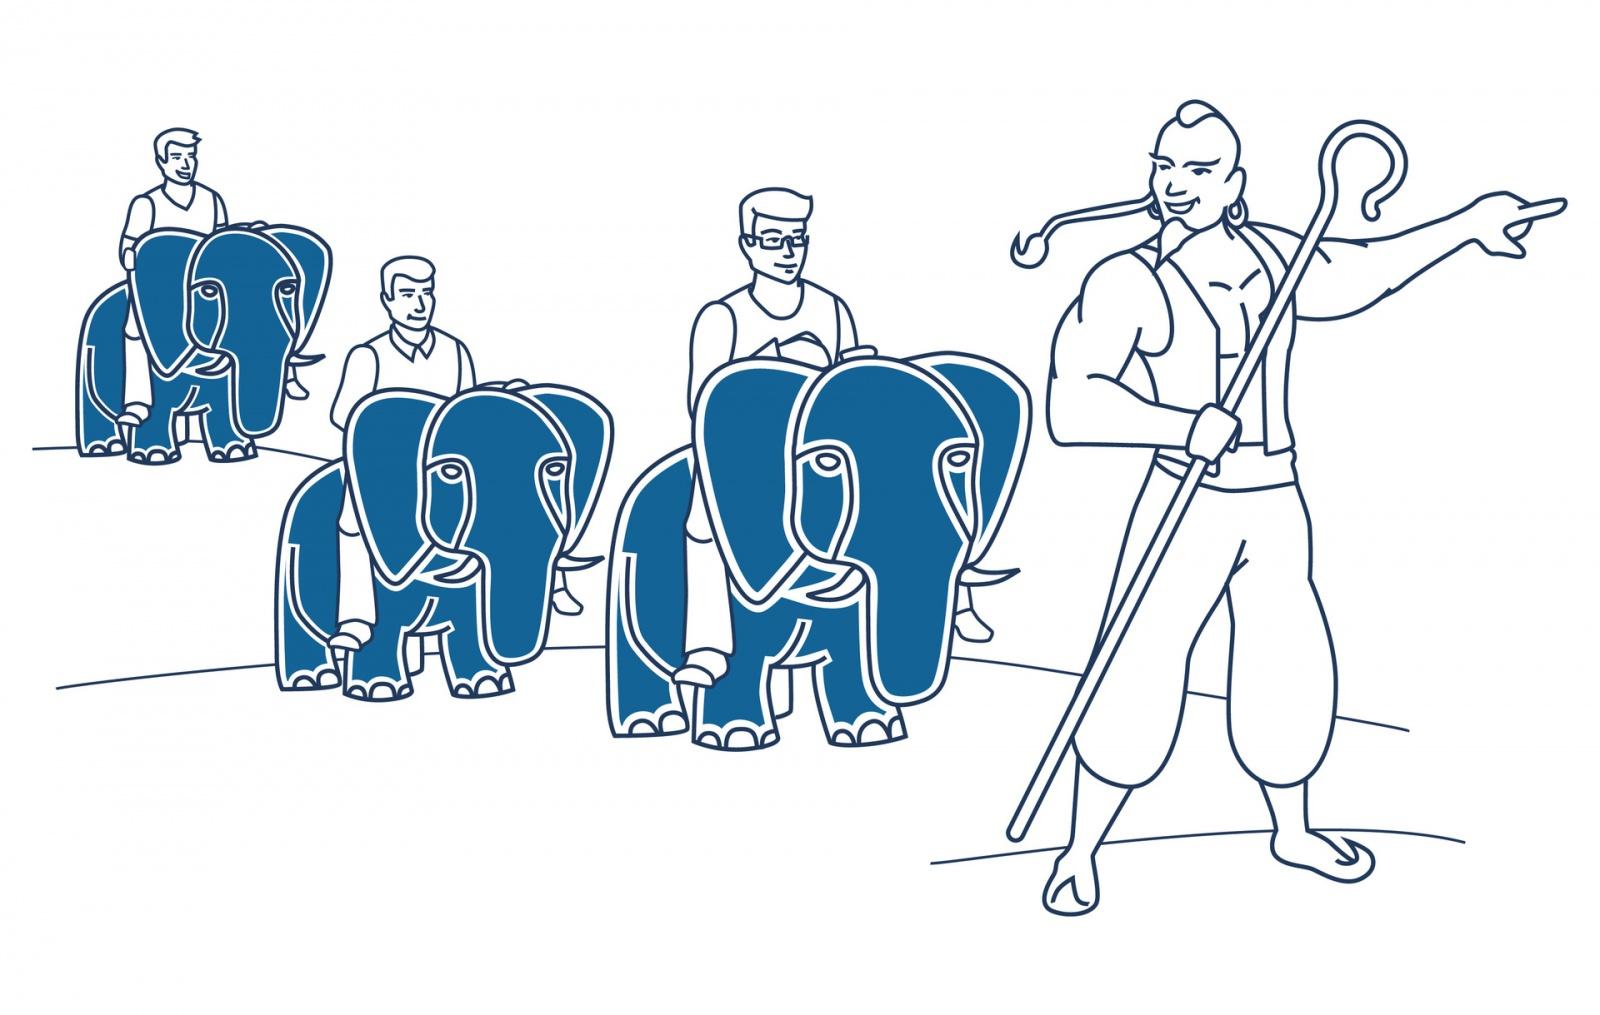 Дизайн и эволюция Хоттабыча - 7